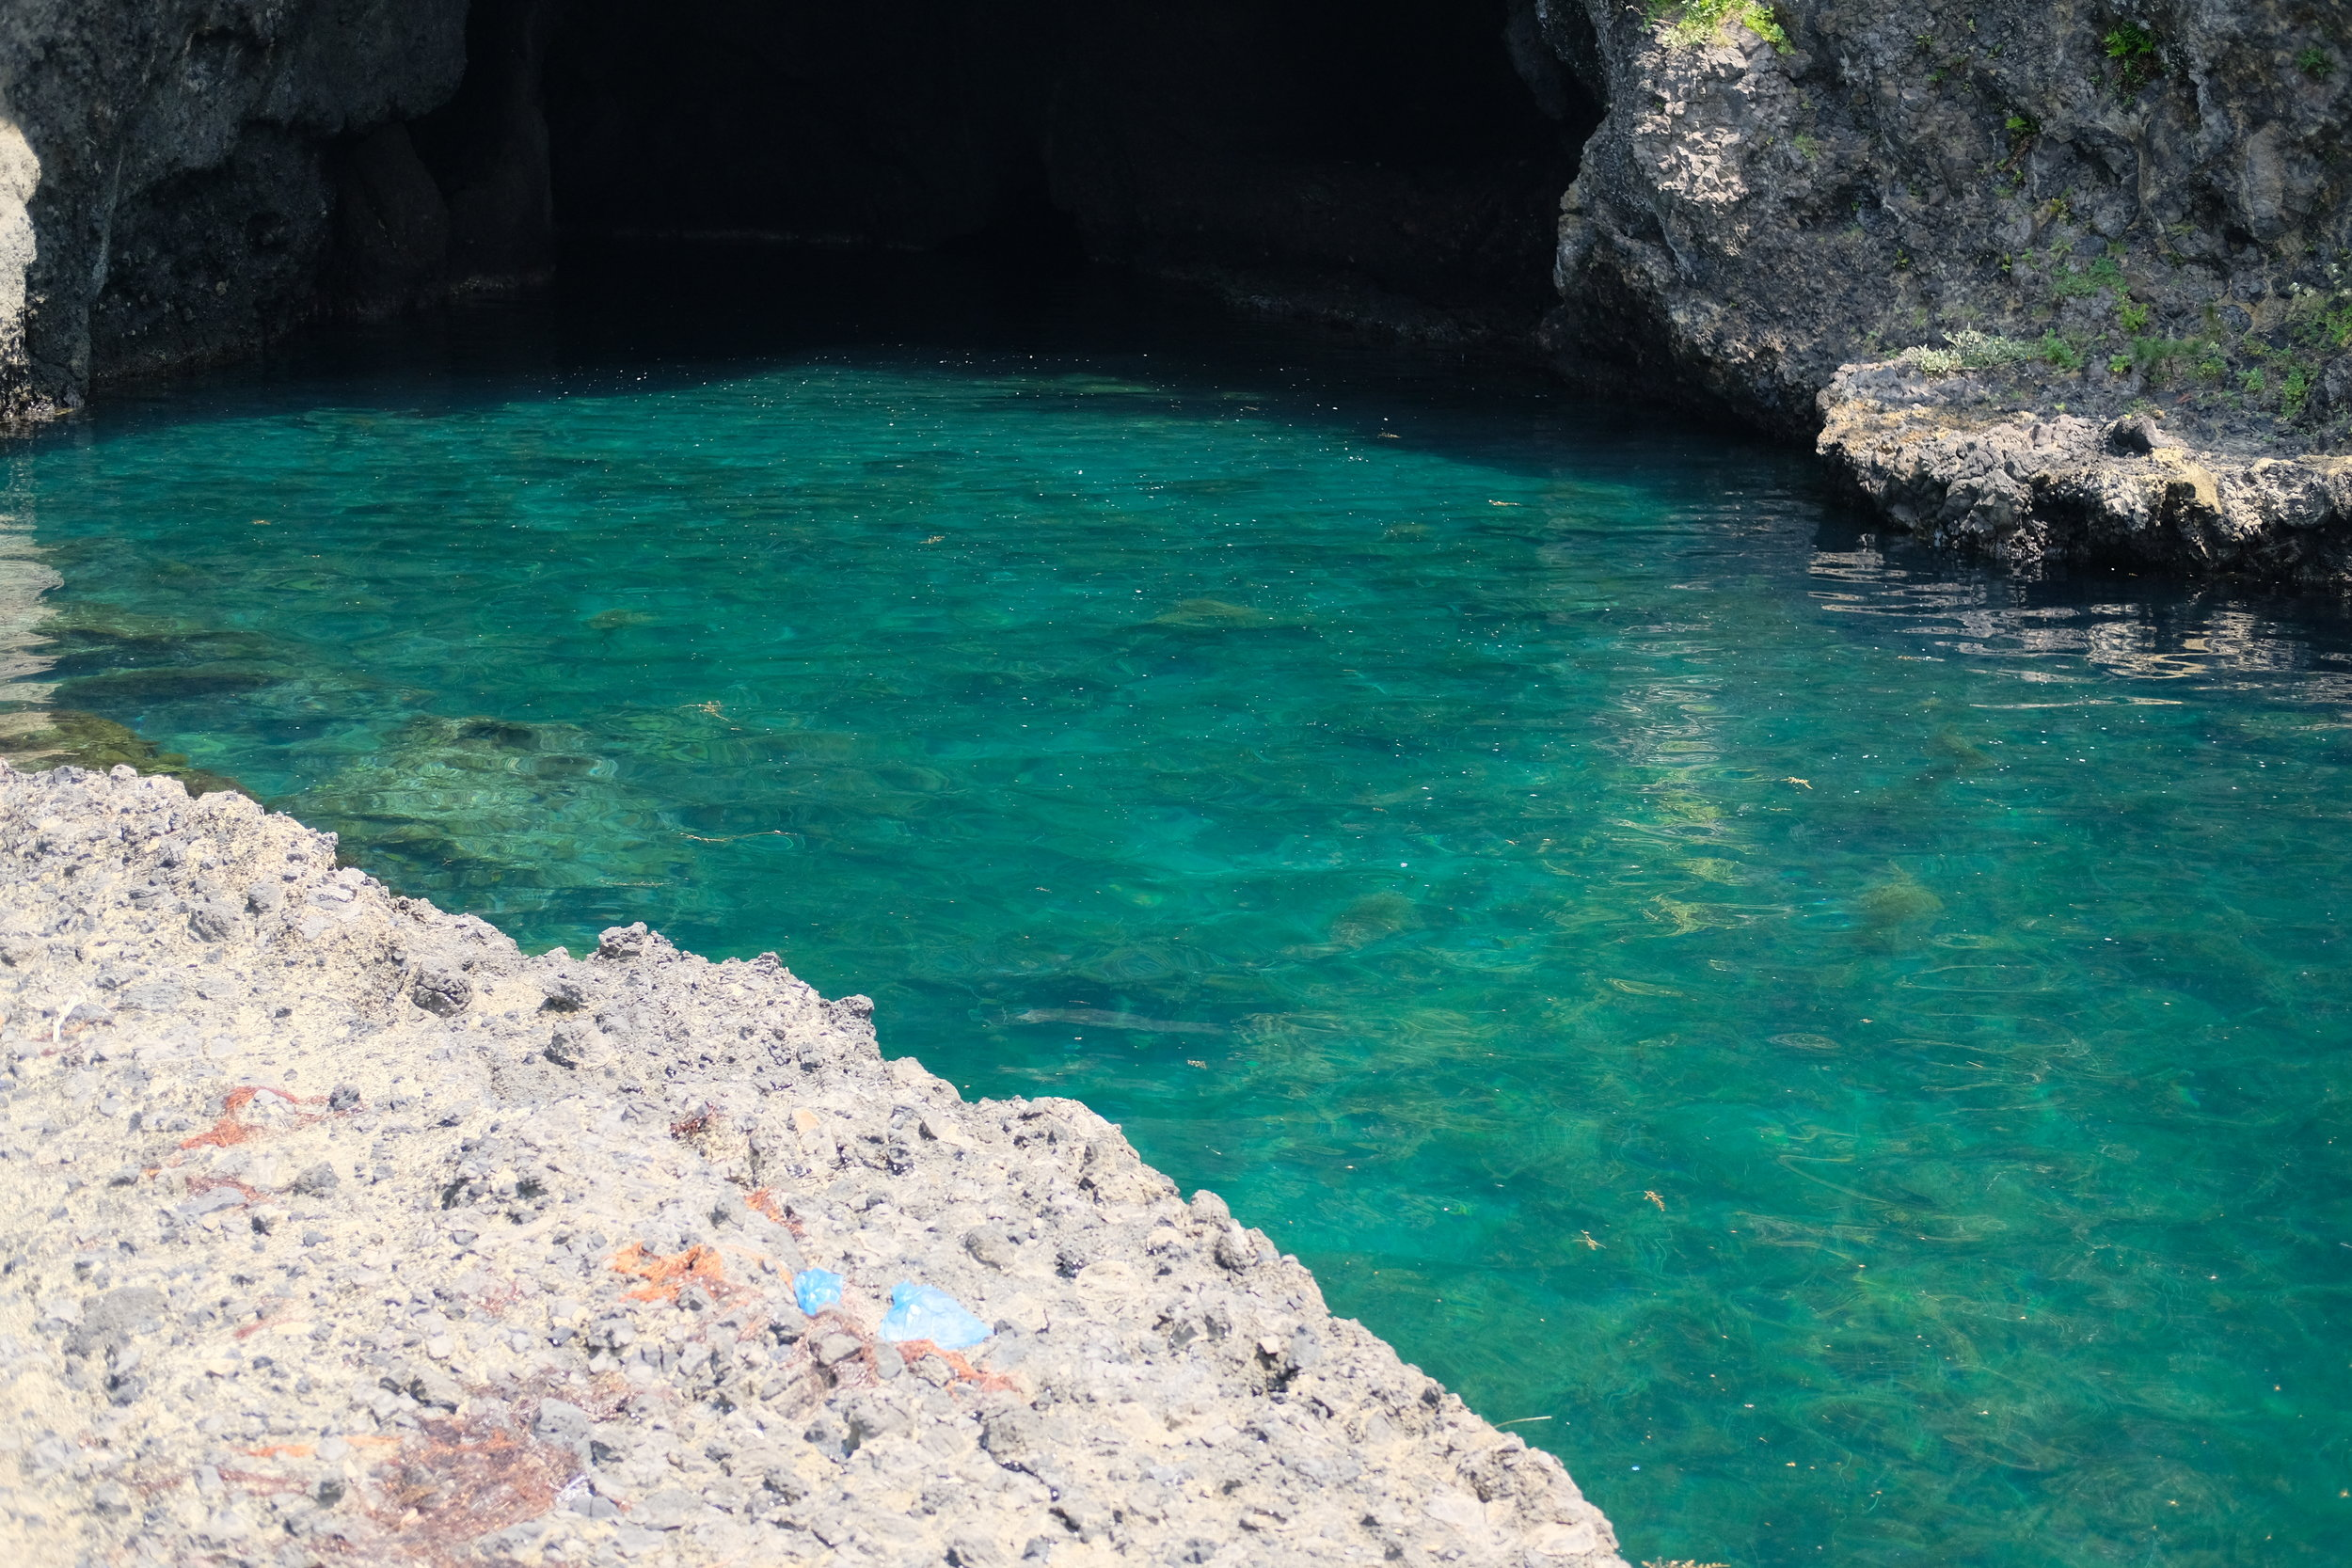 青の洞窟は透明度抜群です